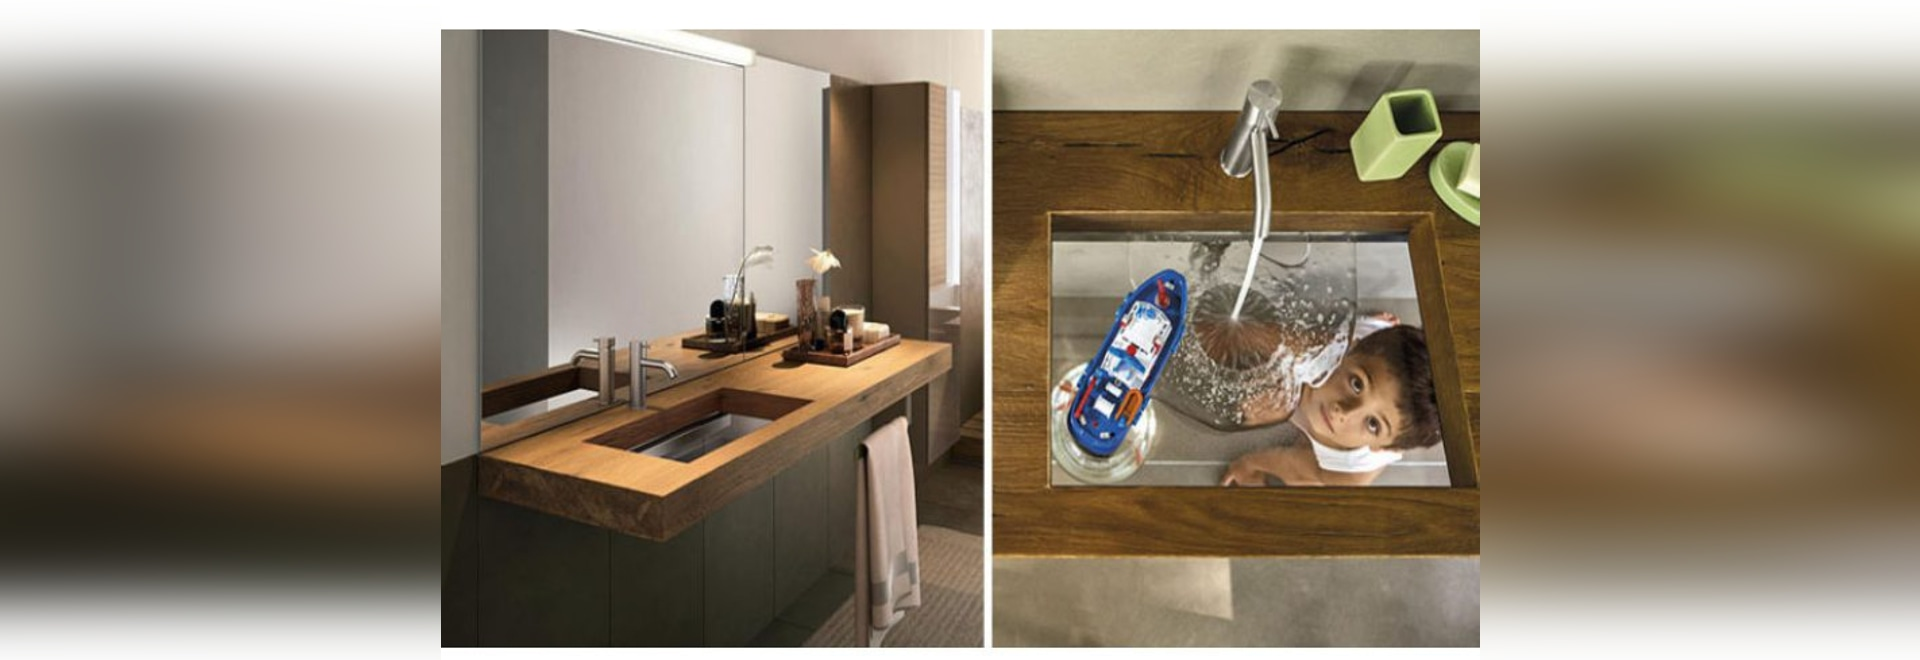 Questo lavandino del bagno è stato progettato con un fondo di vetro trasparente